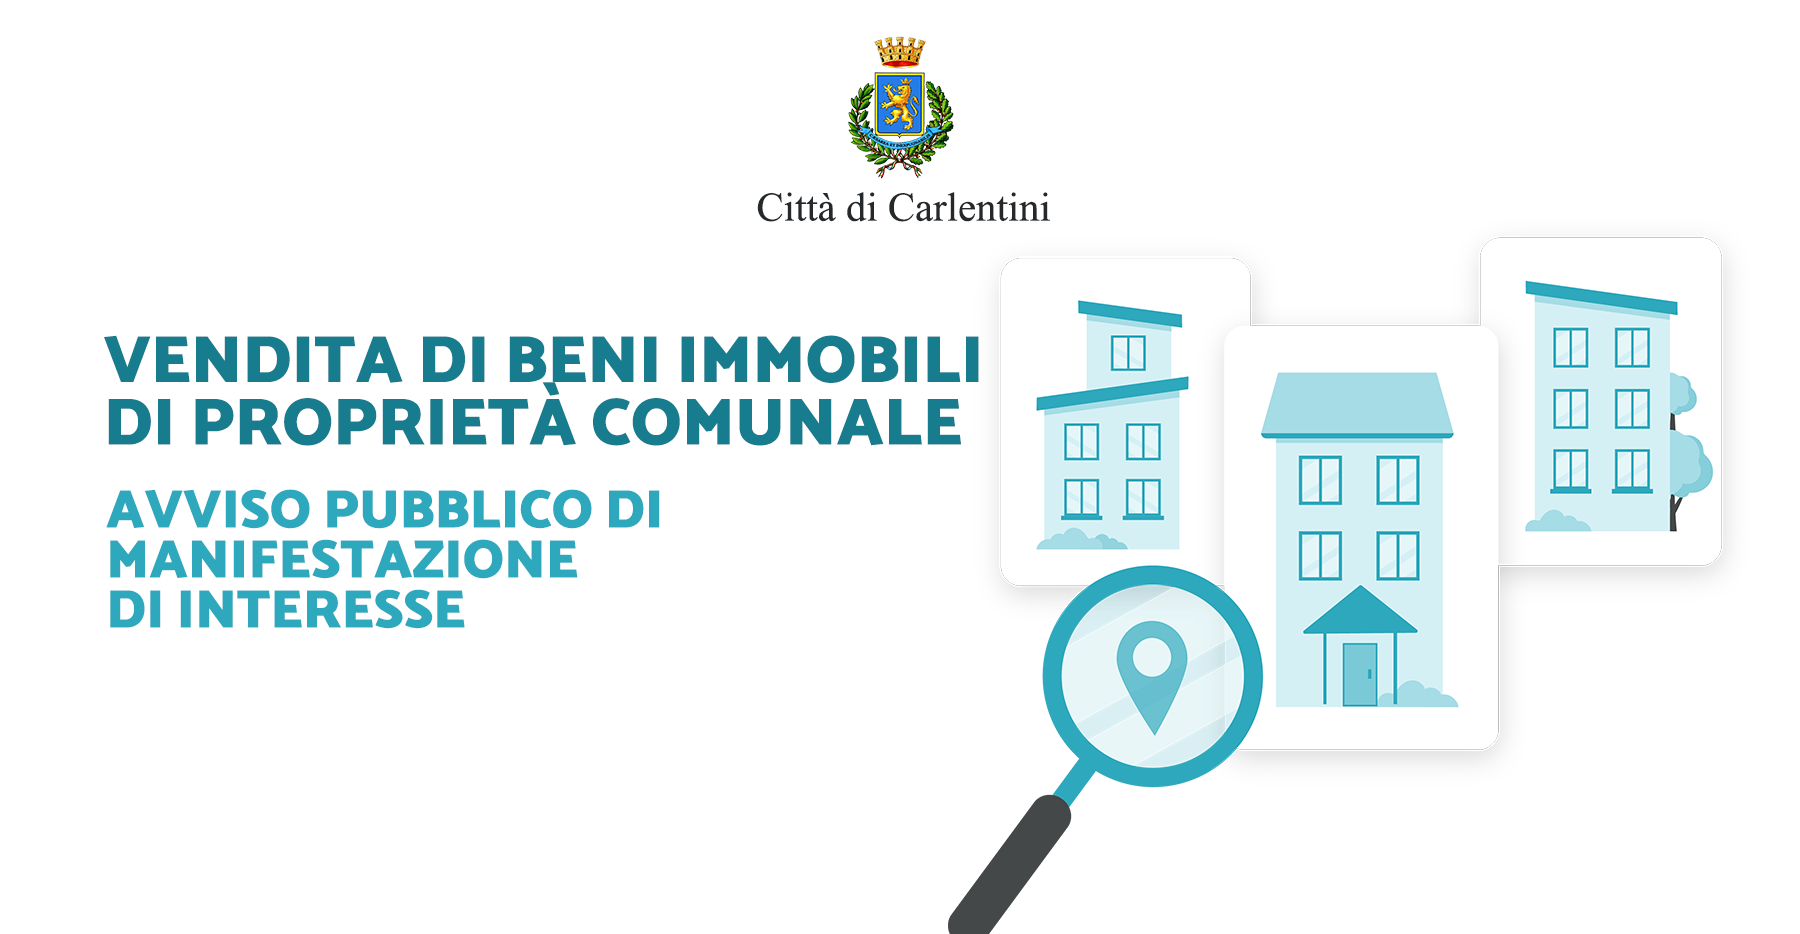 Vendita di beni immobili di proprietà comunale: avviso pubblico di manifestazione di interesse.